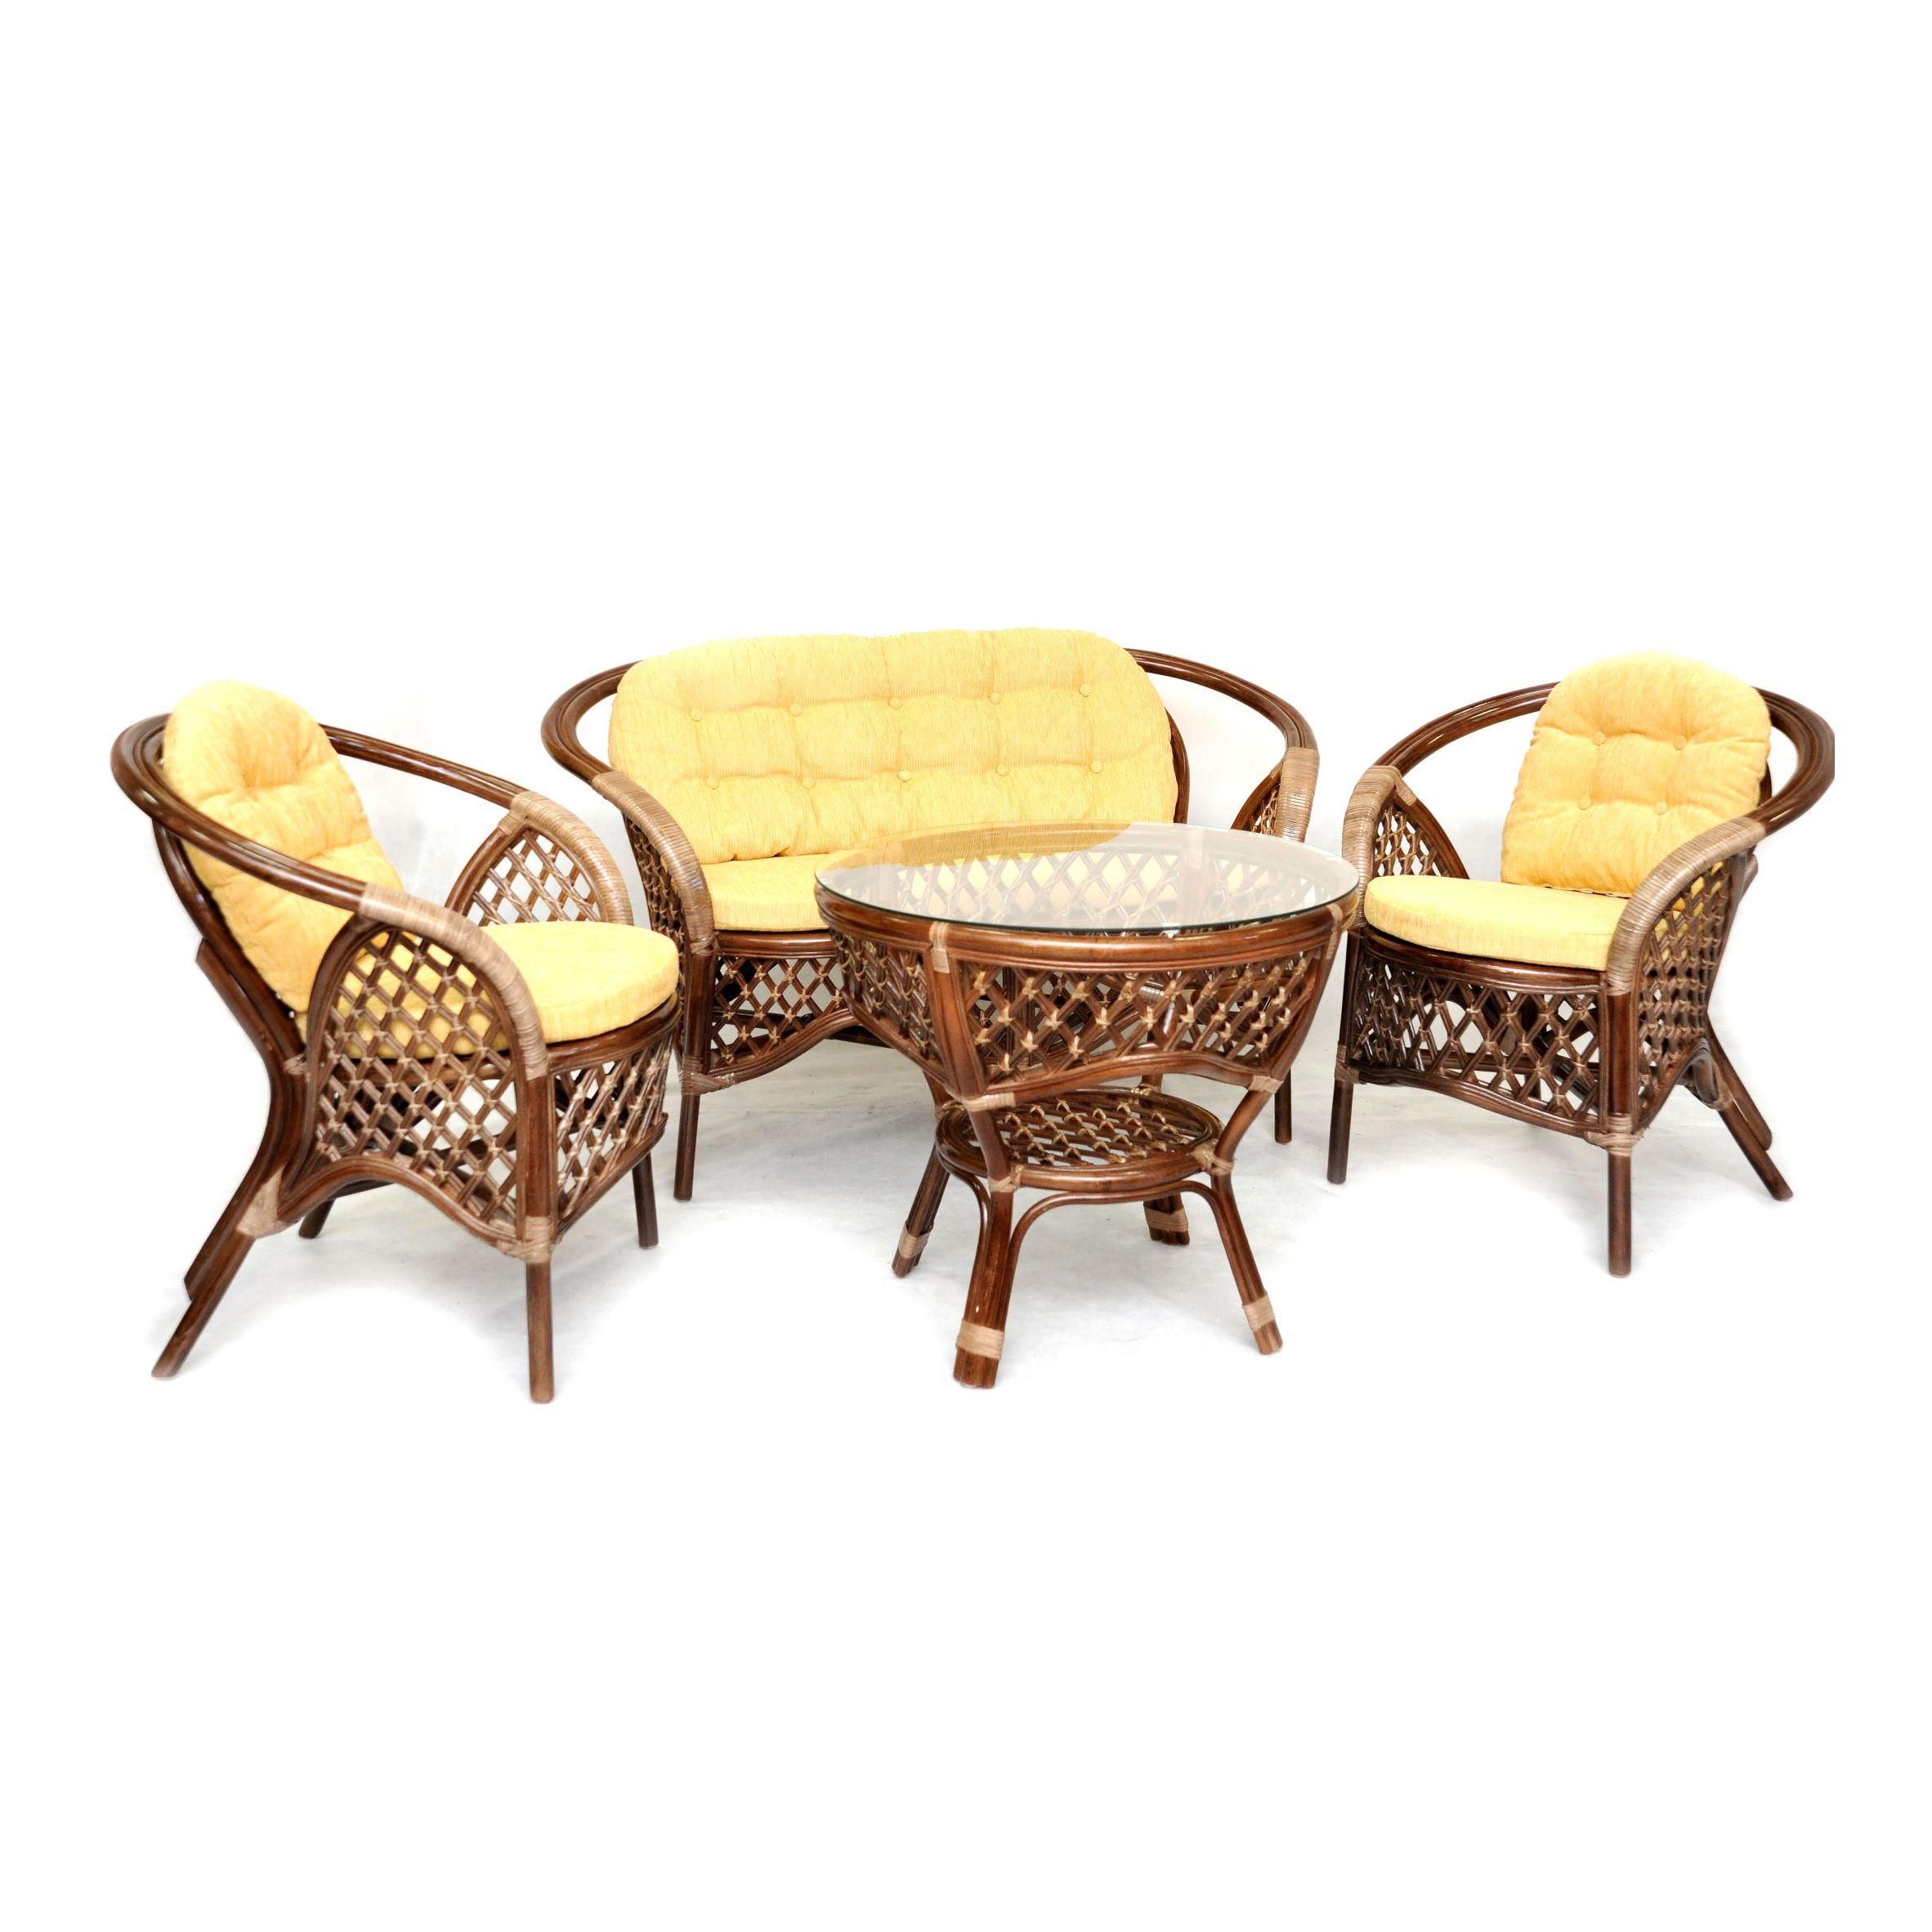 Комплект кофейный MelangКомплекты уличной мебели<br>&amp;lt;span style=&amp;quot;line-height: 24.9999px;&amp;quot;&amp;gt;Оригинальный дизайн делает этот комплект очень комфортным и красивым. В комплект входят два кресла, диван, мягкие подушки (на спинку и сидение), столик со стеклом на присосках.&amp;amp;nbsp;&amp;lt;/span&amp;gt;&amp;lt;div style=&amp;quot;line-height: 24.9999px;&amp;quot;&amp;gt;&amp;lt;br&amp;gt;&amp;lt;/div&amp;gt;&amp;lt;div style=&amp;quot;line-height: 24.9999px;&amp;quot;&amp;gt;Материал каркаса: натуральный ротанг&amp;lt;/div&amp;gt;&amp;lt;div style=&amp;quot;line-height: 24.9999px;&amp;quot;&amp;gt;Цвет: коричневый&amp;lt;/div&amp;gt;&amp;lt;div style=&amp;quot;line-height: 24.9999px;&amp;quot;&amp;gt;Мягкая обивка/подушка: шенилл&amp;lt;/div&amp;gt;&amp;lt;div style=&amp;quot;line-height: 24.9999px;&amp;quot;&amp;gt;Размер: стол 71х61х71 см; кресло 70х74х70 см; диван 115х74х70 см&amp;lt;/div&amp;gt;&amp;lt;div style=&amp;quot;line-height: 24.9999px;&amp;quot;&amp;gt;Выдерживаемая нагрузка, кг: 95&amp;lt;/div&amp;gt;&amp;lt;div style=&amp;quot;line-height: 24.9999px;&amp;quot;&amp;gt;Вес, кг: 35&amp;lt;/div&amp;gt;<br><br>Material: Ротанг<br>Width см: 115<br>Depth см: 70<br>Height см: 74